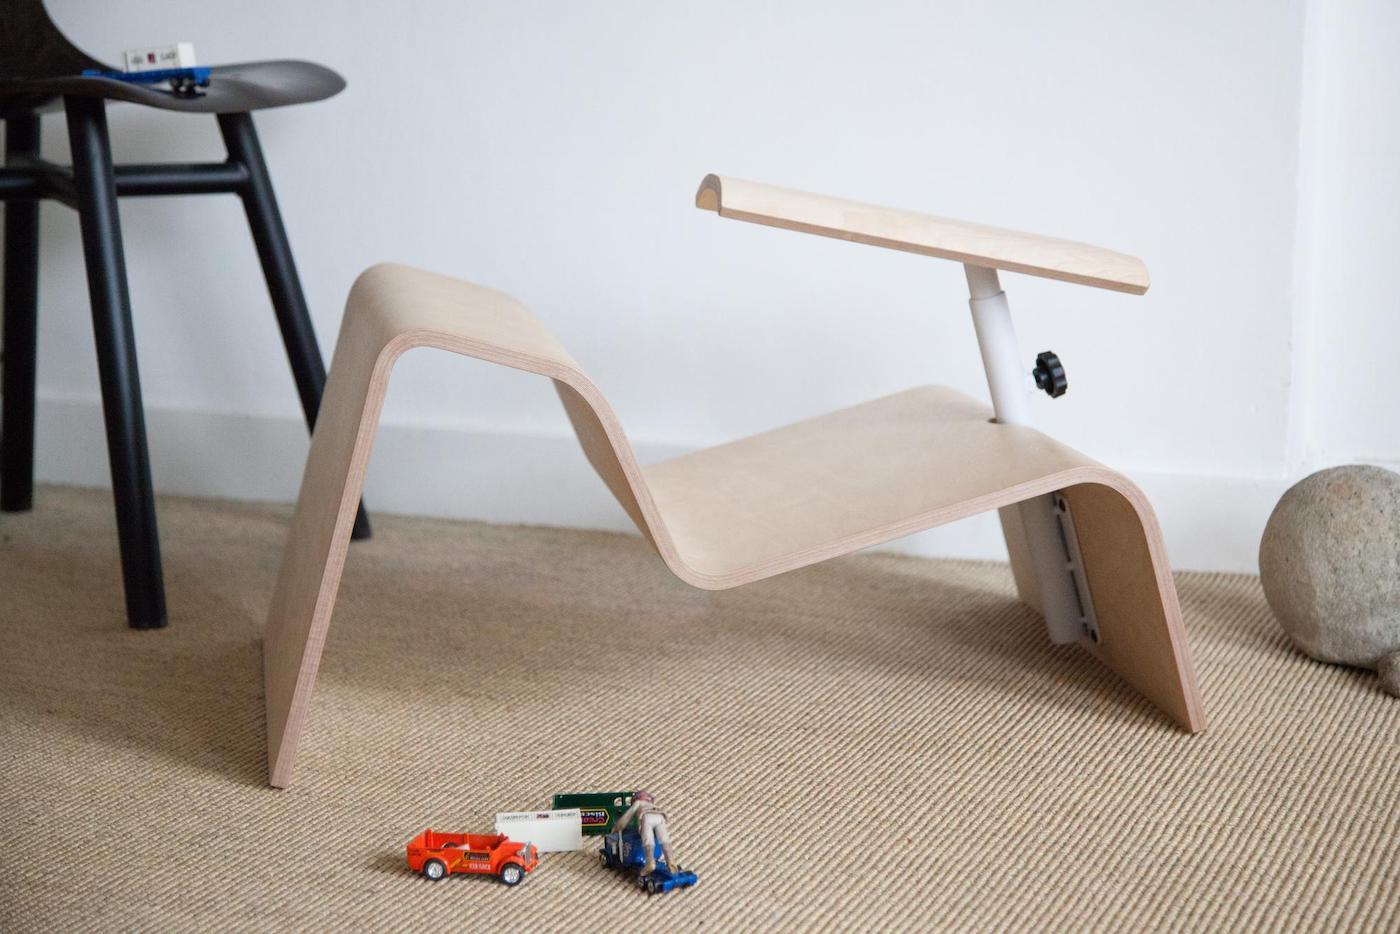 Le studio Lancelot a imaginé des chaises pour que les enfants puissent adopter plusieurs postures en classe